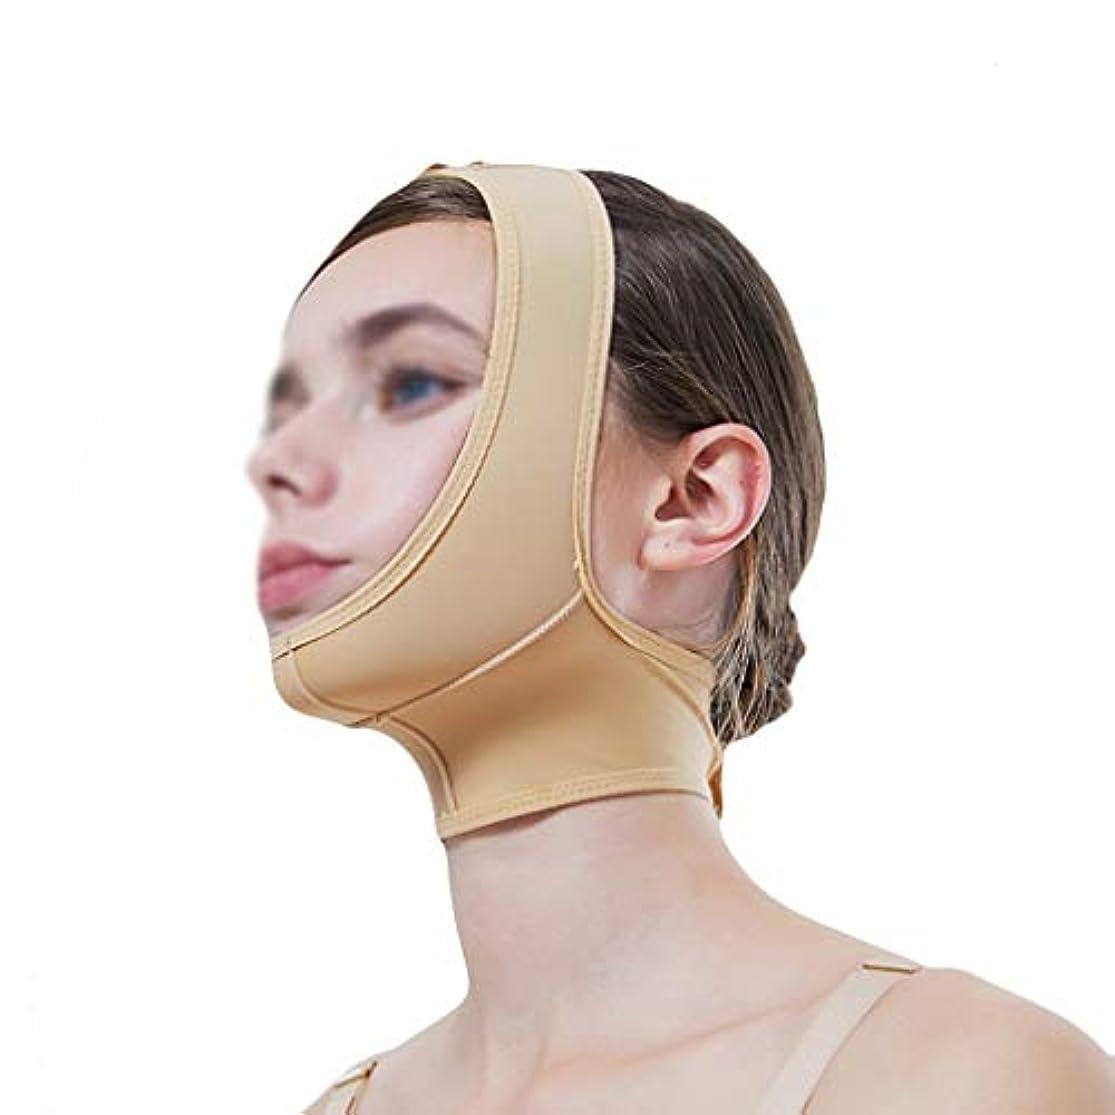 カセット認識ビジュアルXHLMRMJ マスク、超薄型ベルト、フェイスリフティングに適しています、フェイスリフティング、通気性包帯、チンリフティングベルト、超薄型ベルト、通気性 (Size : S)